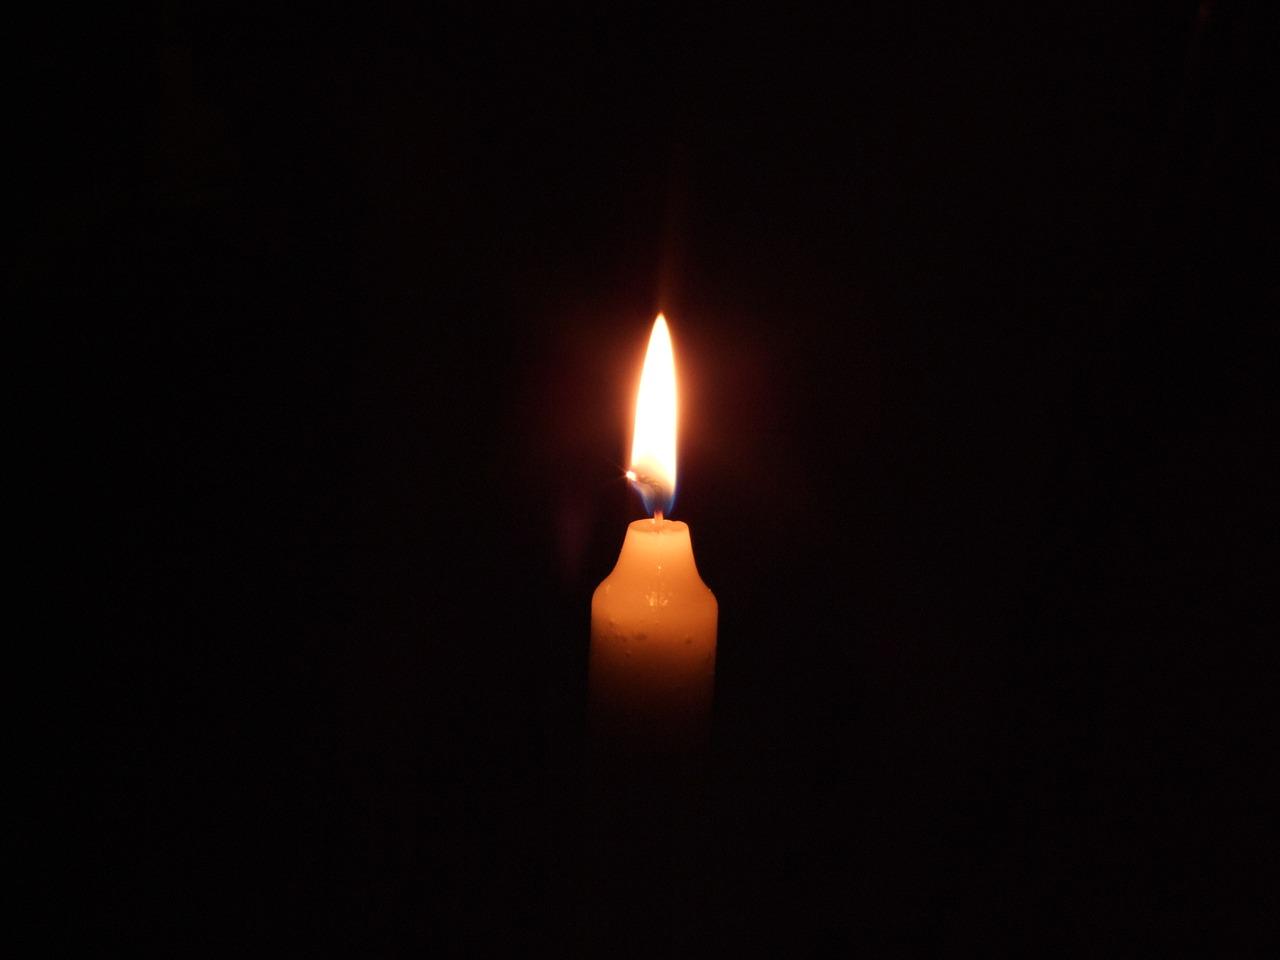 На следующей неделе в Севастополе ожидаются массовые отключения электроэнергии